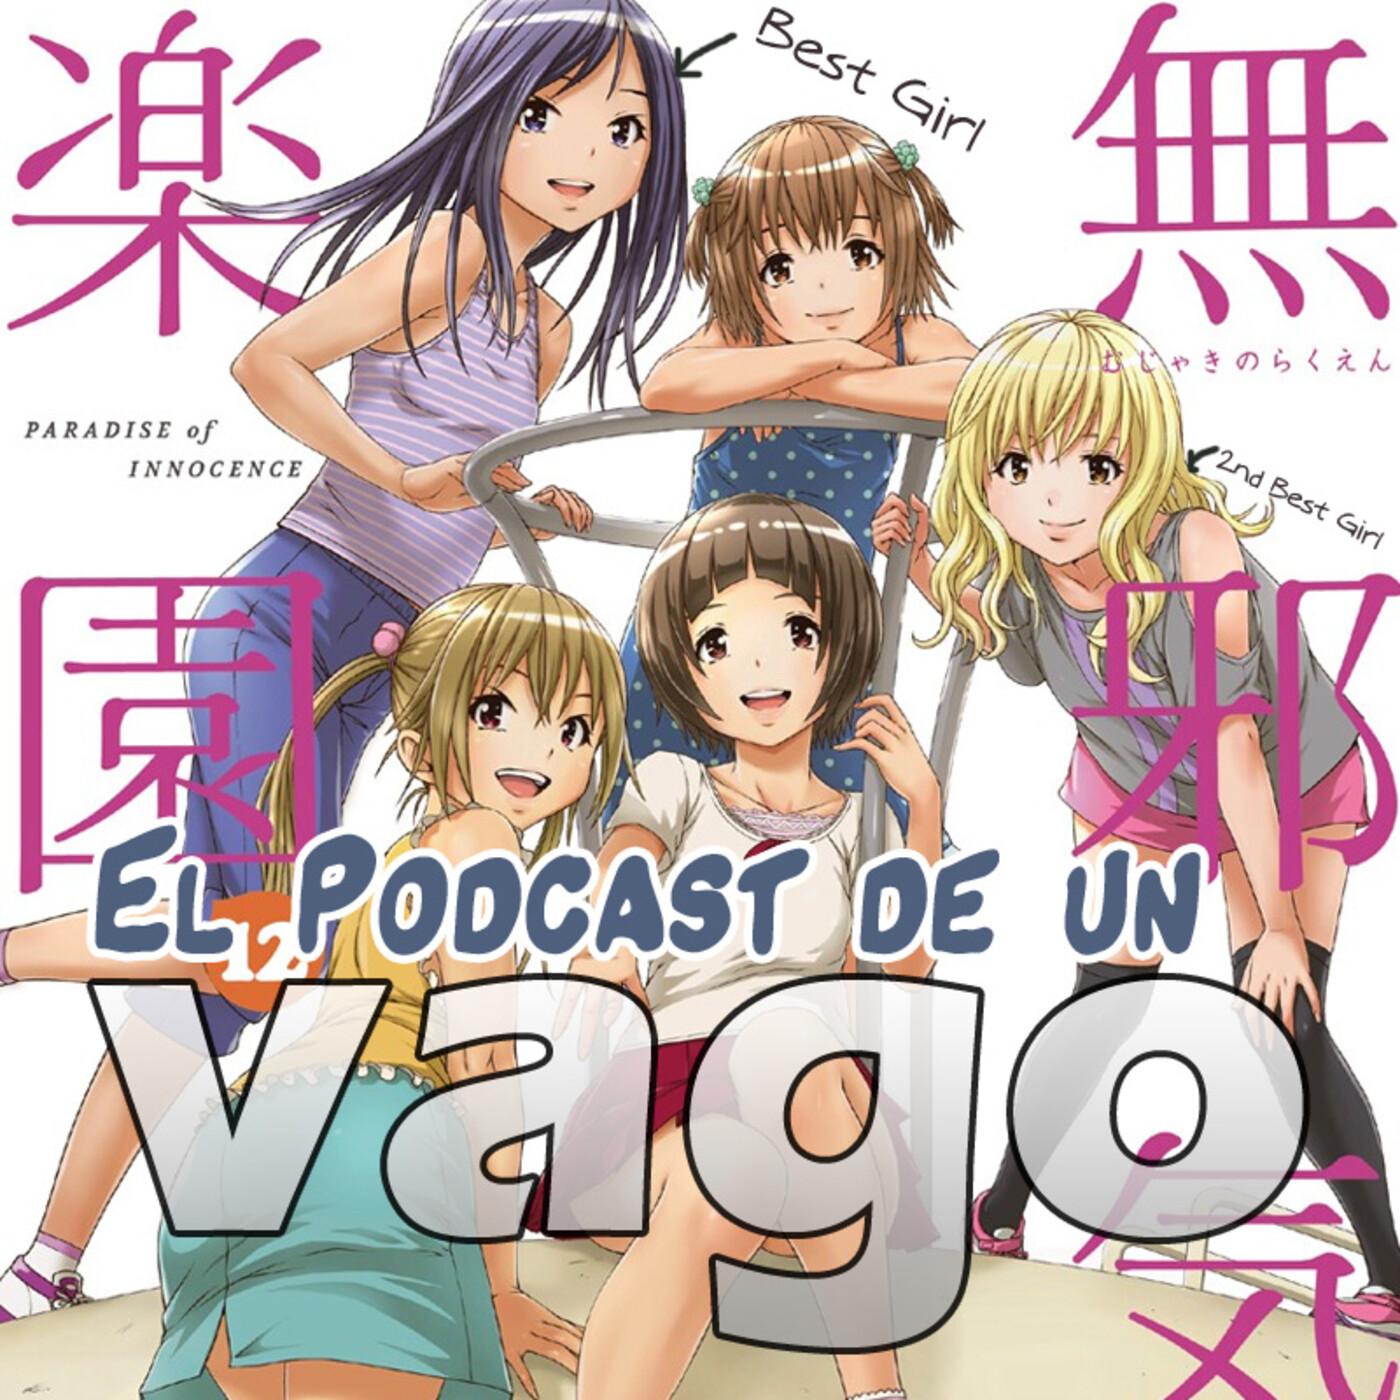 VagoPodcast #97: Mujaki no Rakuen y Estrenos de Temporada